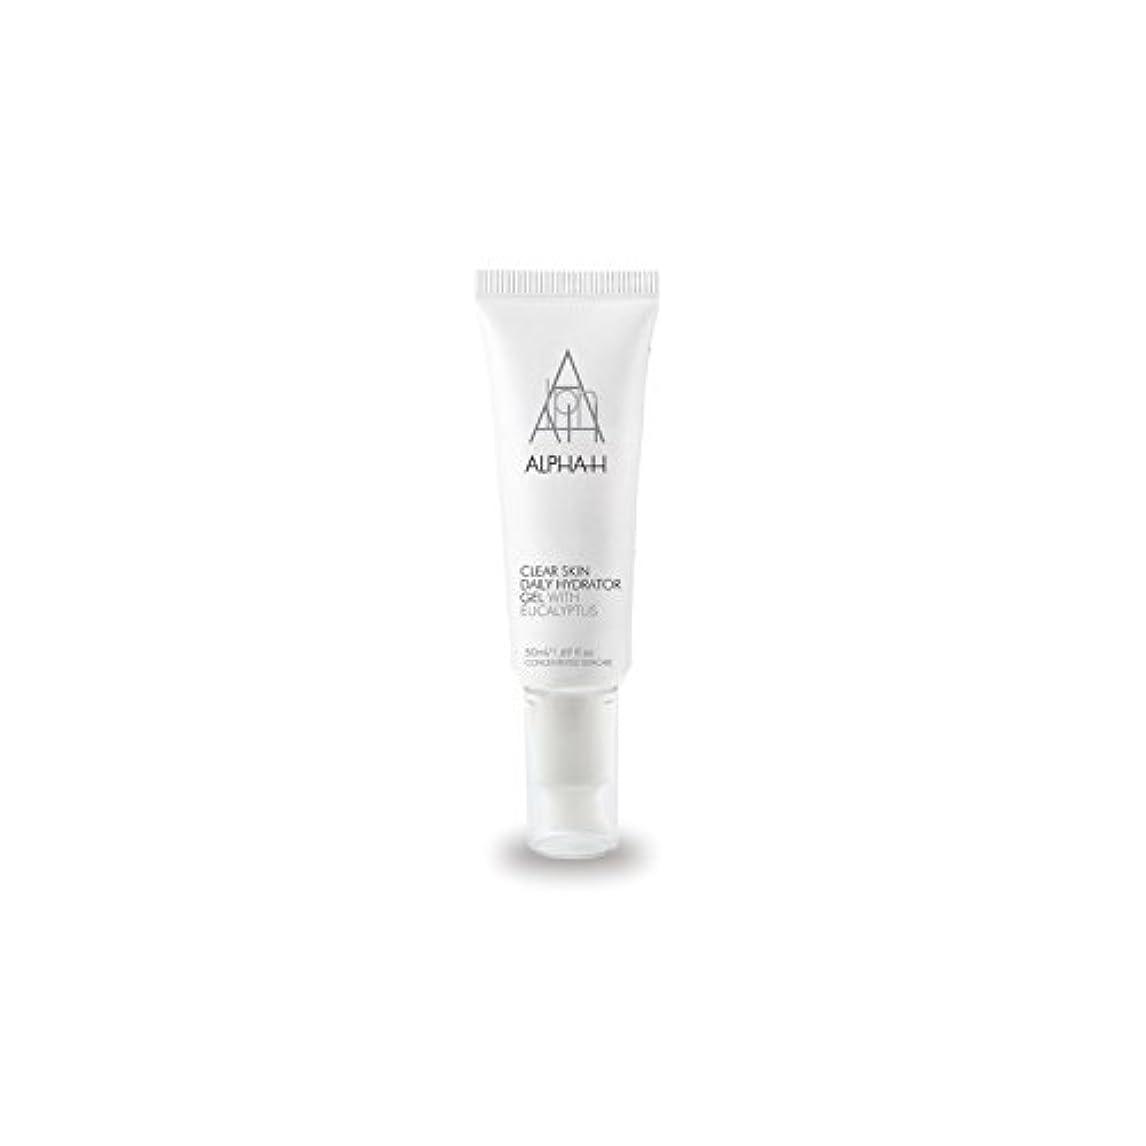 学生持つ青アルファクリア皮膚毎日ハイドレーターゲル(50)中 x4 - Alpha-H Clear Skin Daily Hydrator Gel (50ml) (Pack of 4) [並行輸入品]